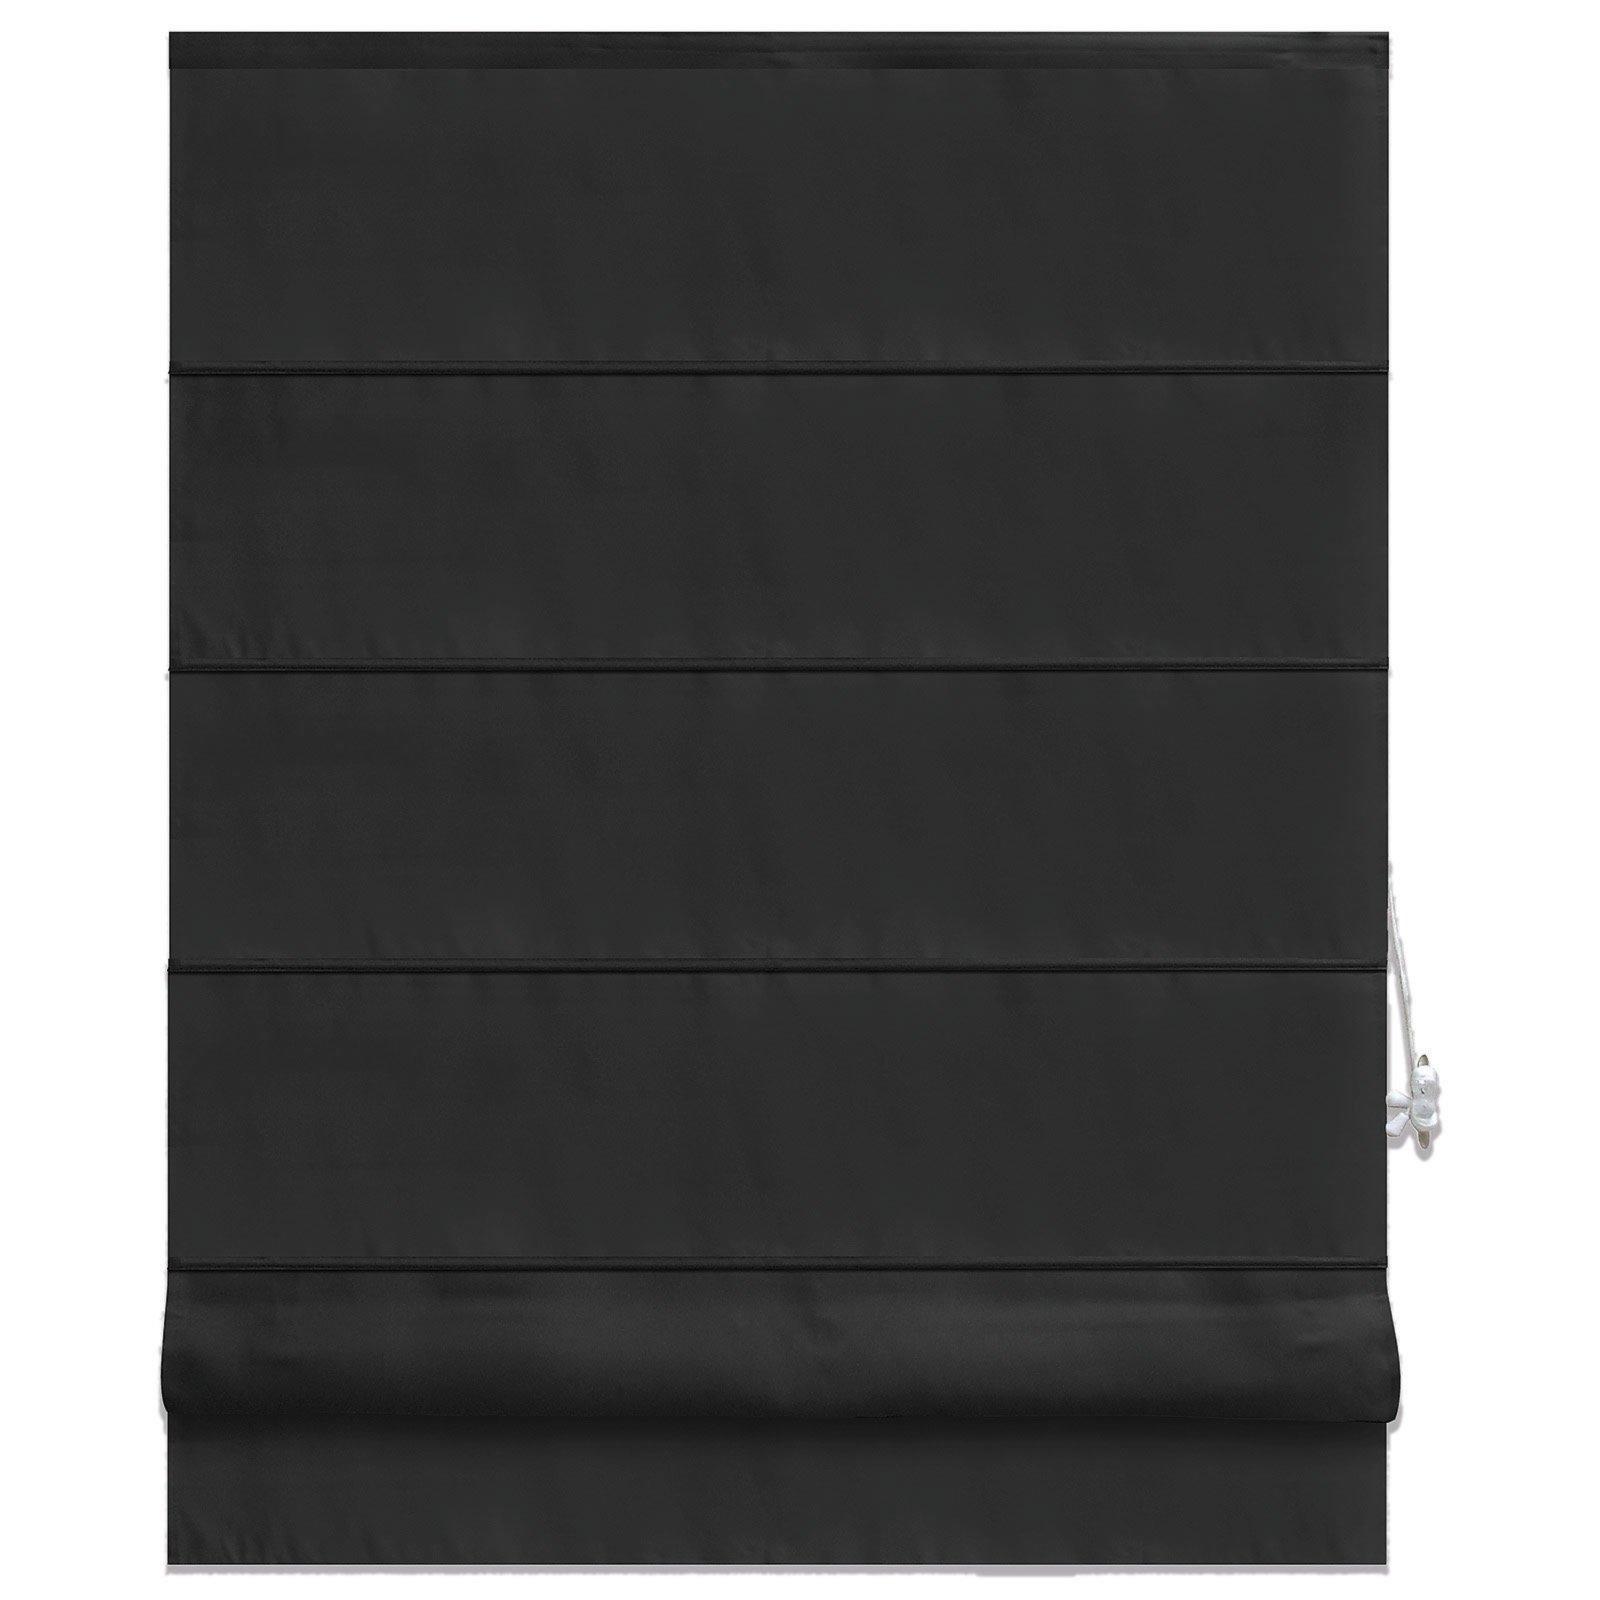 raffrollo pacific anthrazit 100x160 cm sichtschutz raffrollos raffrollos rollos. Black Bedroom Furniture Sets. Home Design Ideas